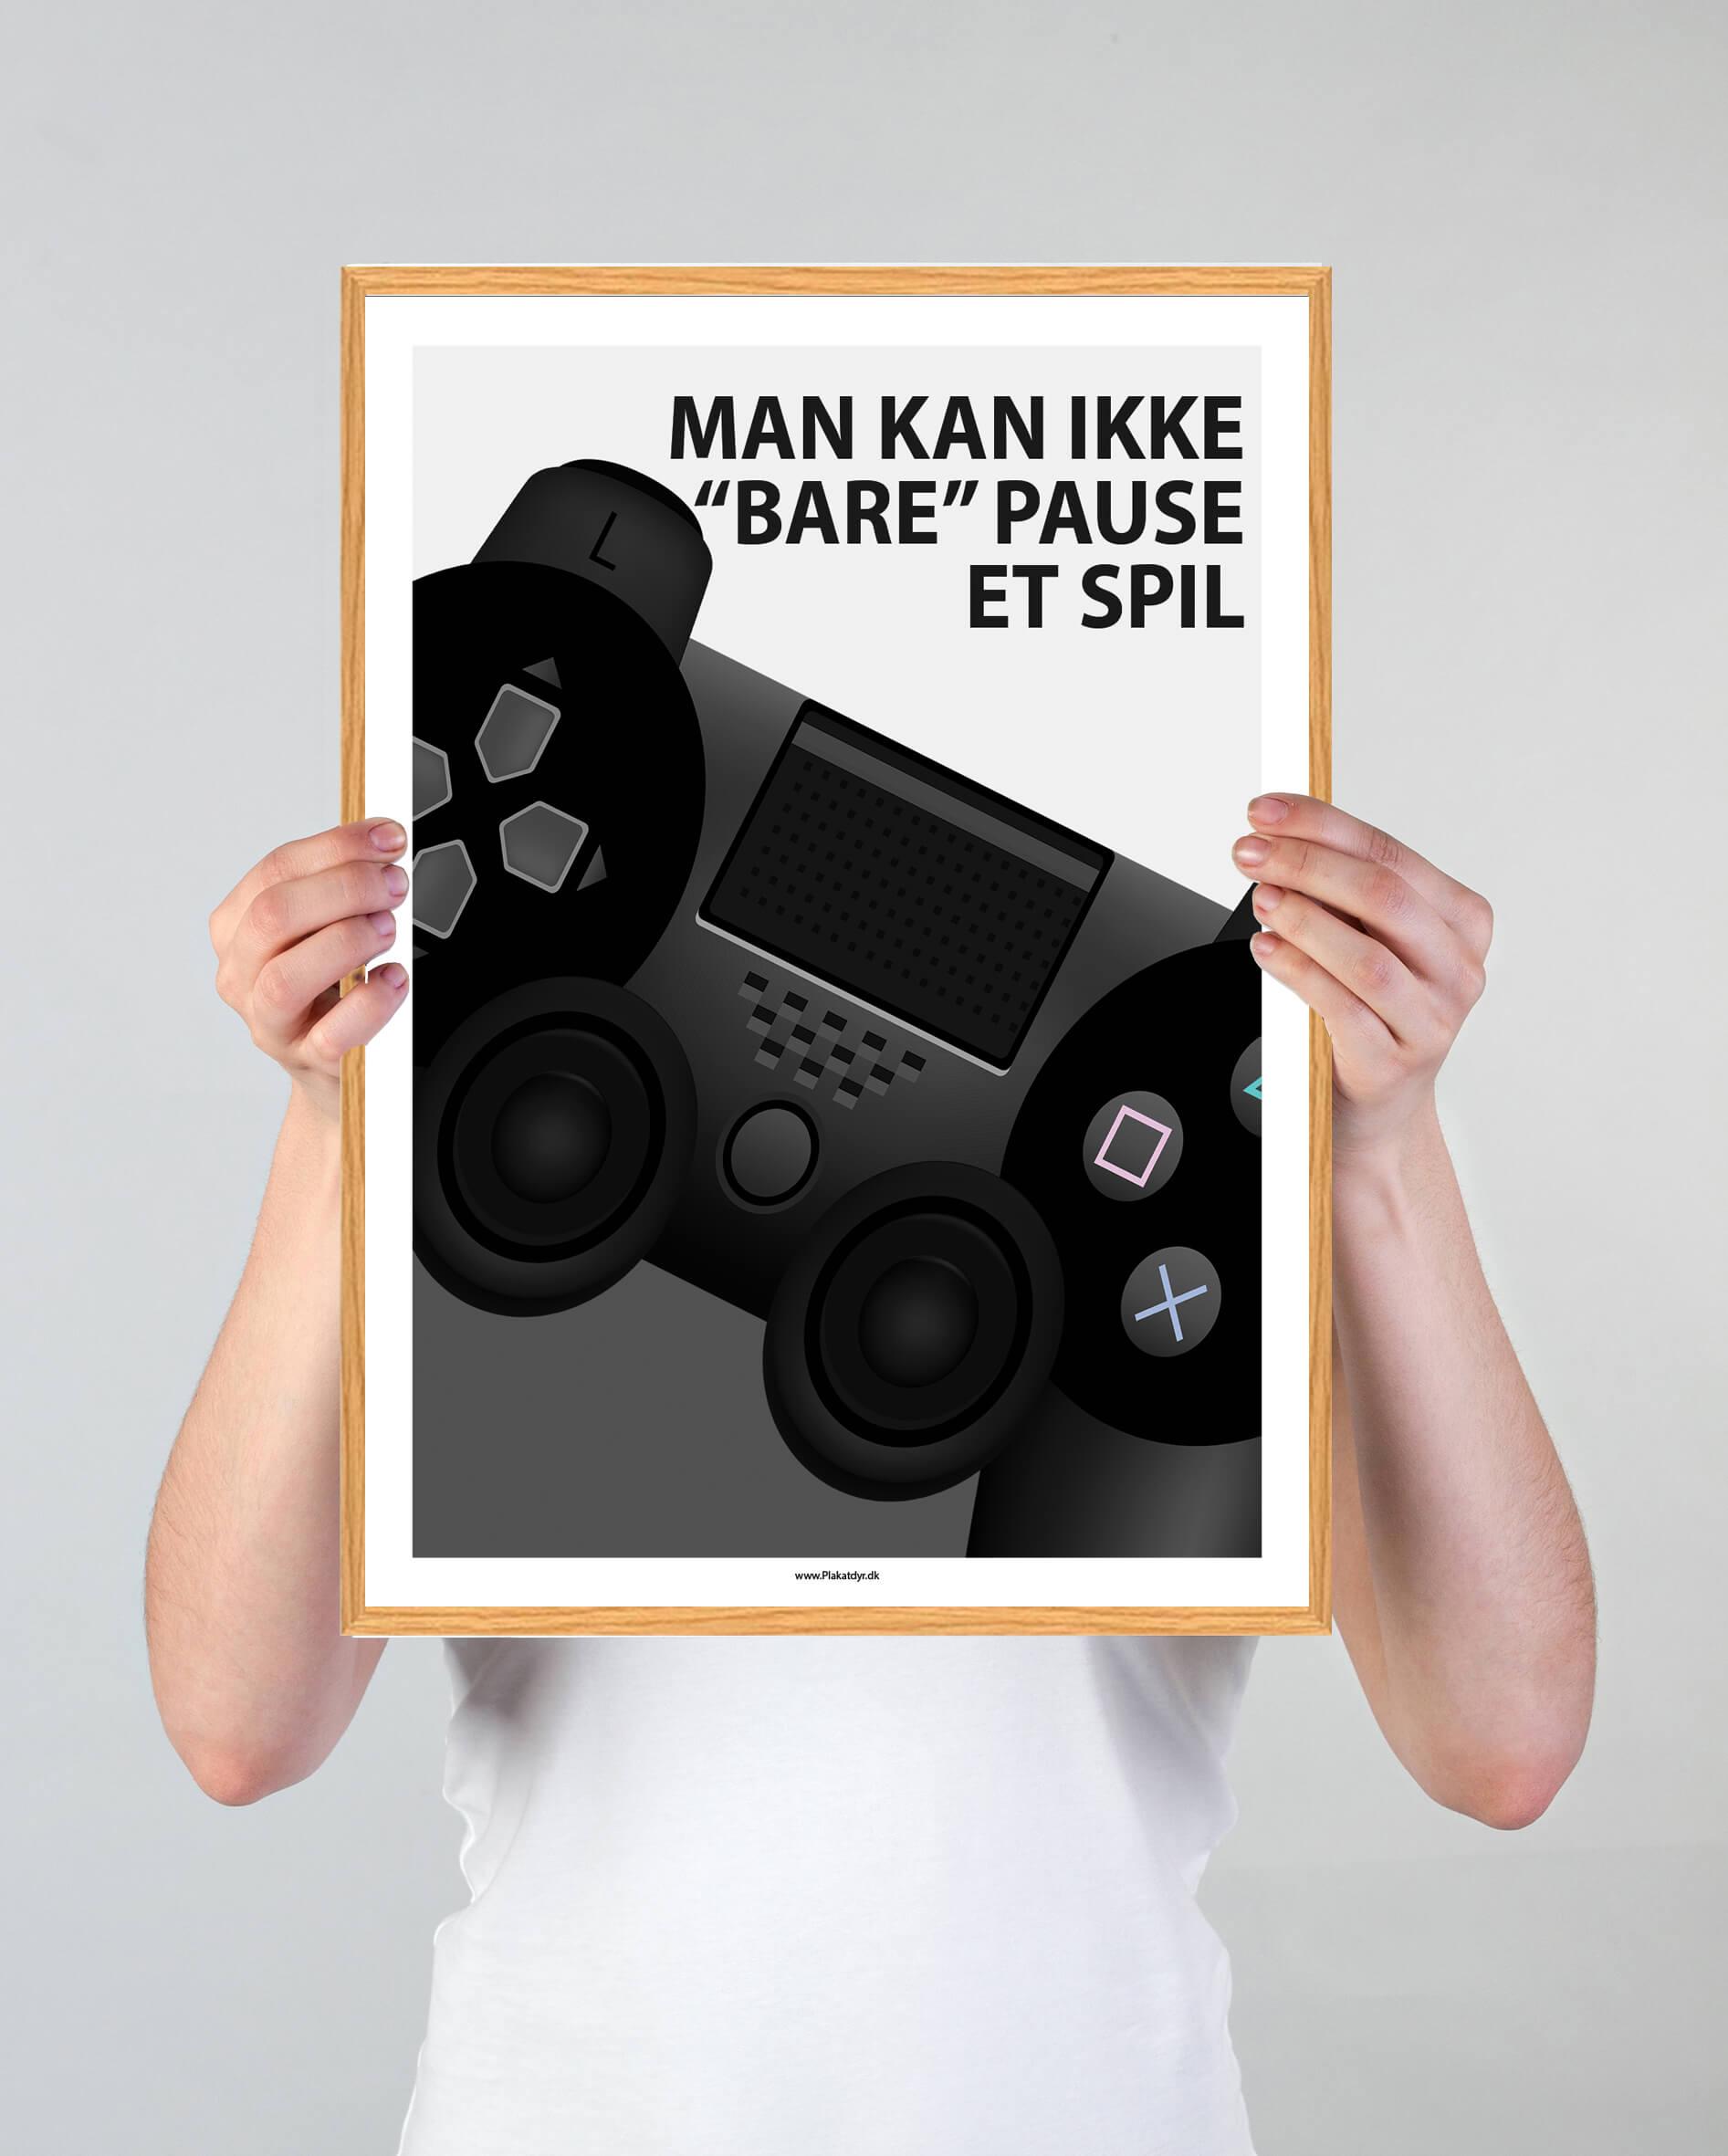 Man kan ikke bare pause et spil-gamer-plakater-2